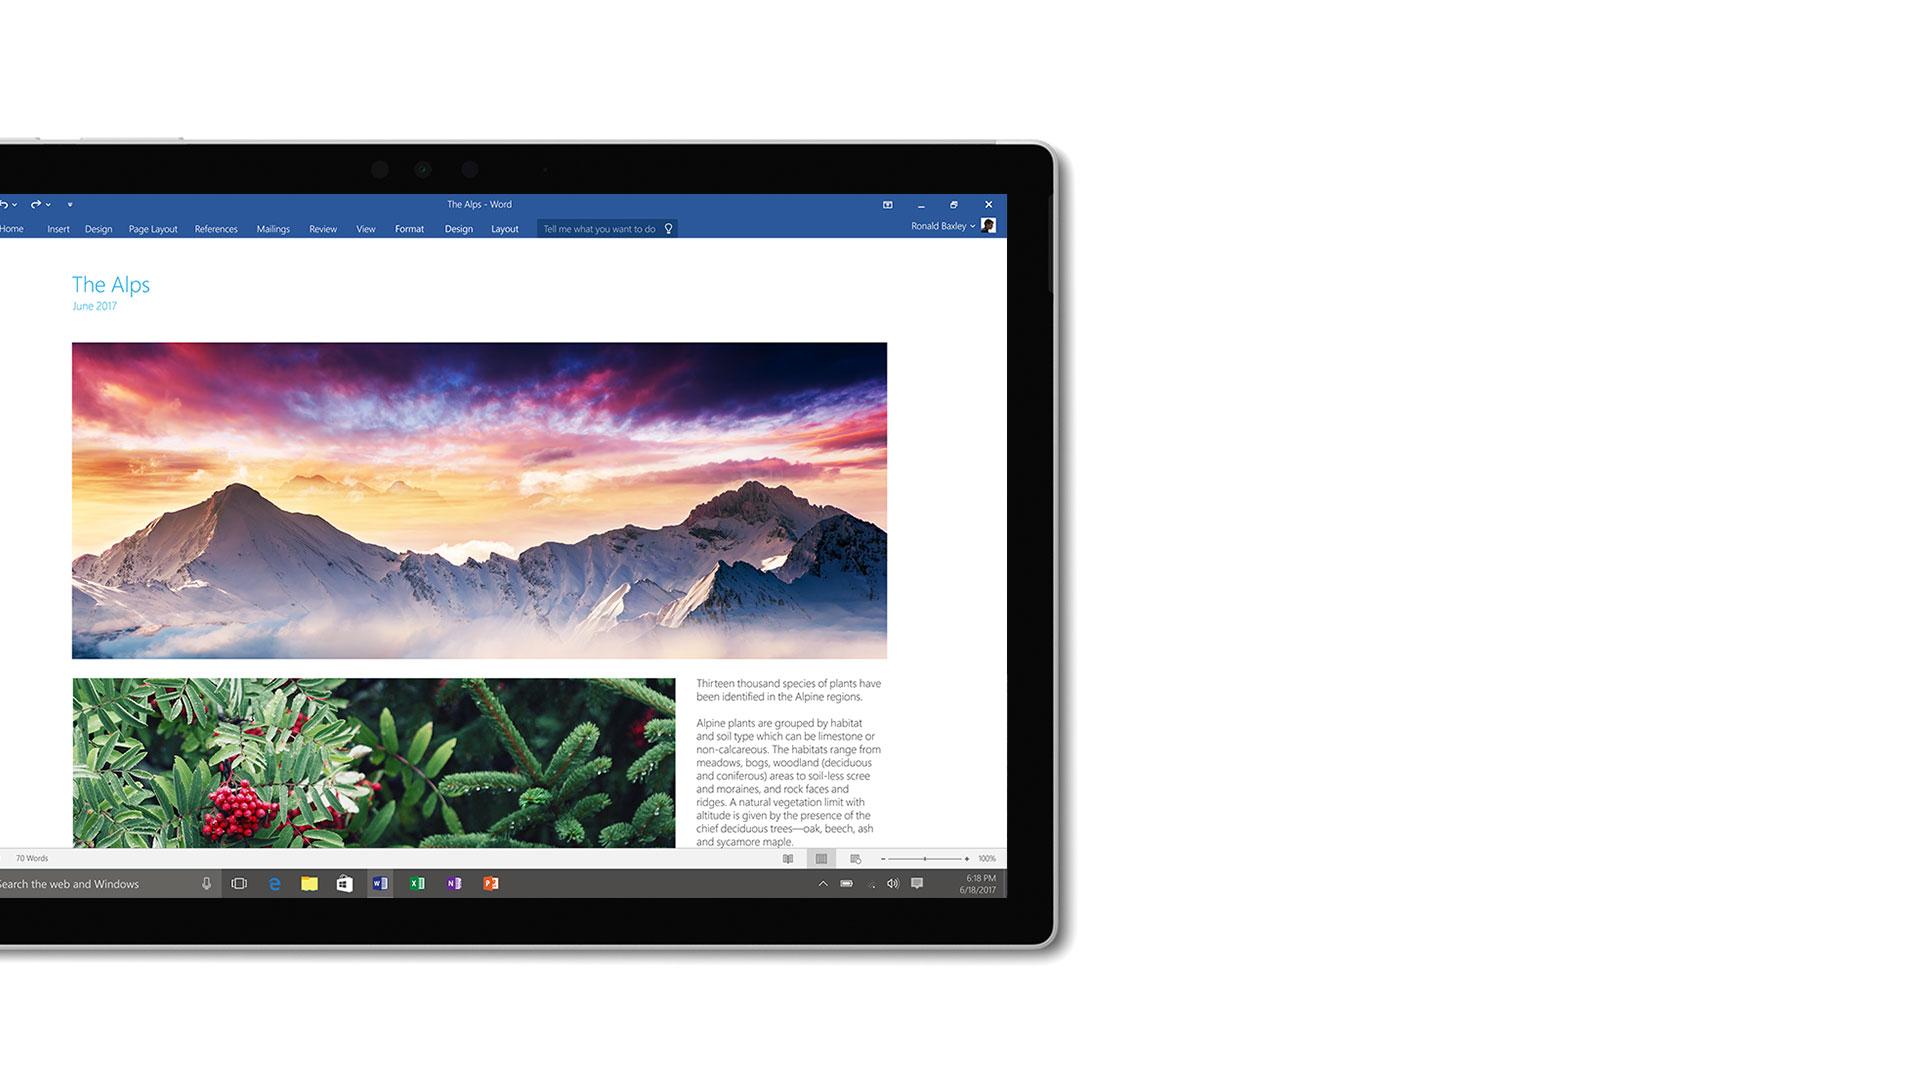 Produktbild der Benutzeroberfläche von Microsoft Word